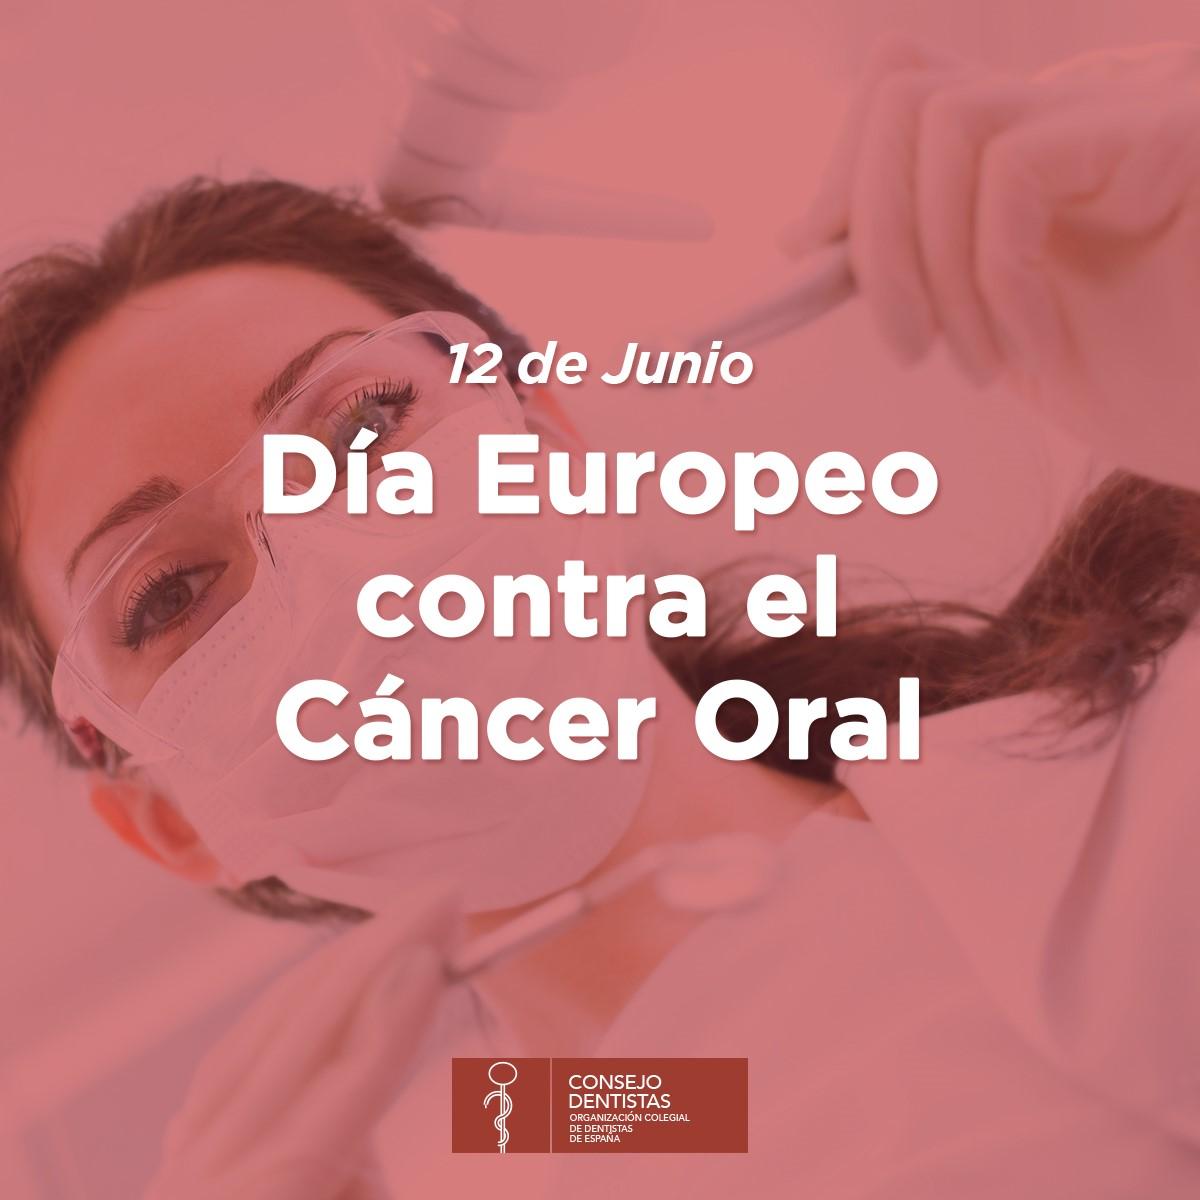 Vida Saludable, Autoexploración Y Diagnóstico Precoz, Claves Para Prevenir El Cáncer Oral